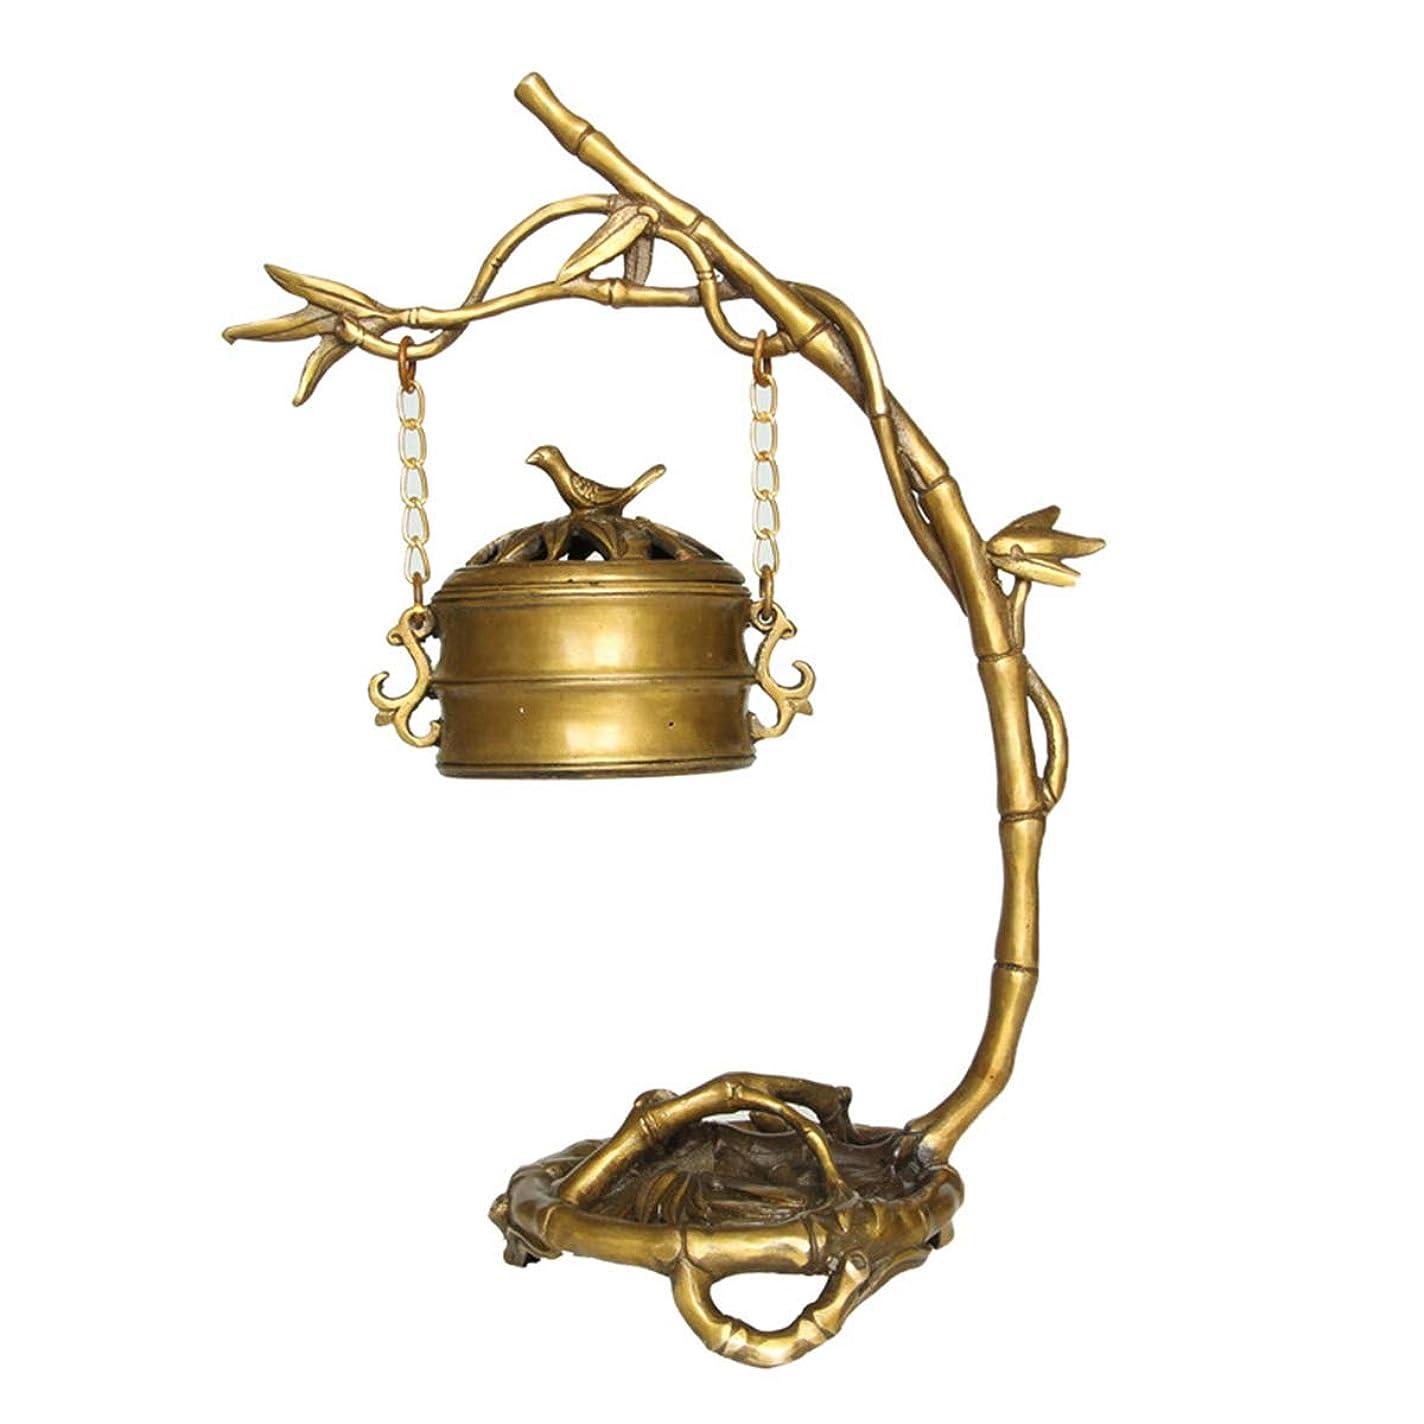 商標タービン彫刻逆流香バーナーホーム銅逆流香コーンホルダーバーナー家庭、オフィス、茶室、瞑想、ヨガなどに適しています。